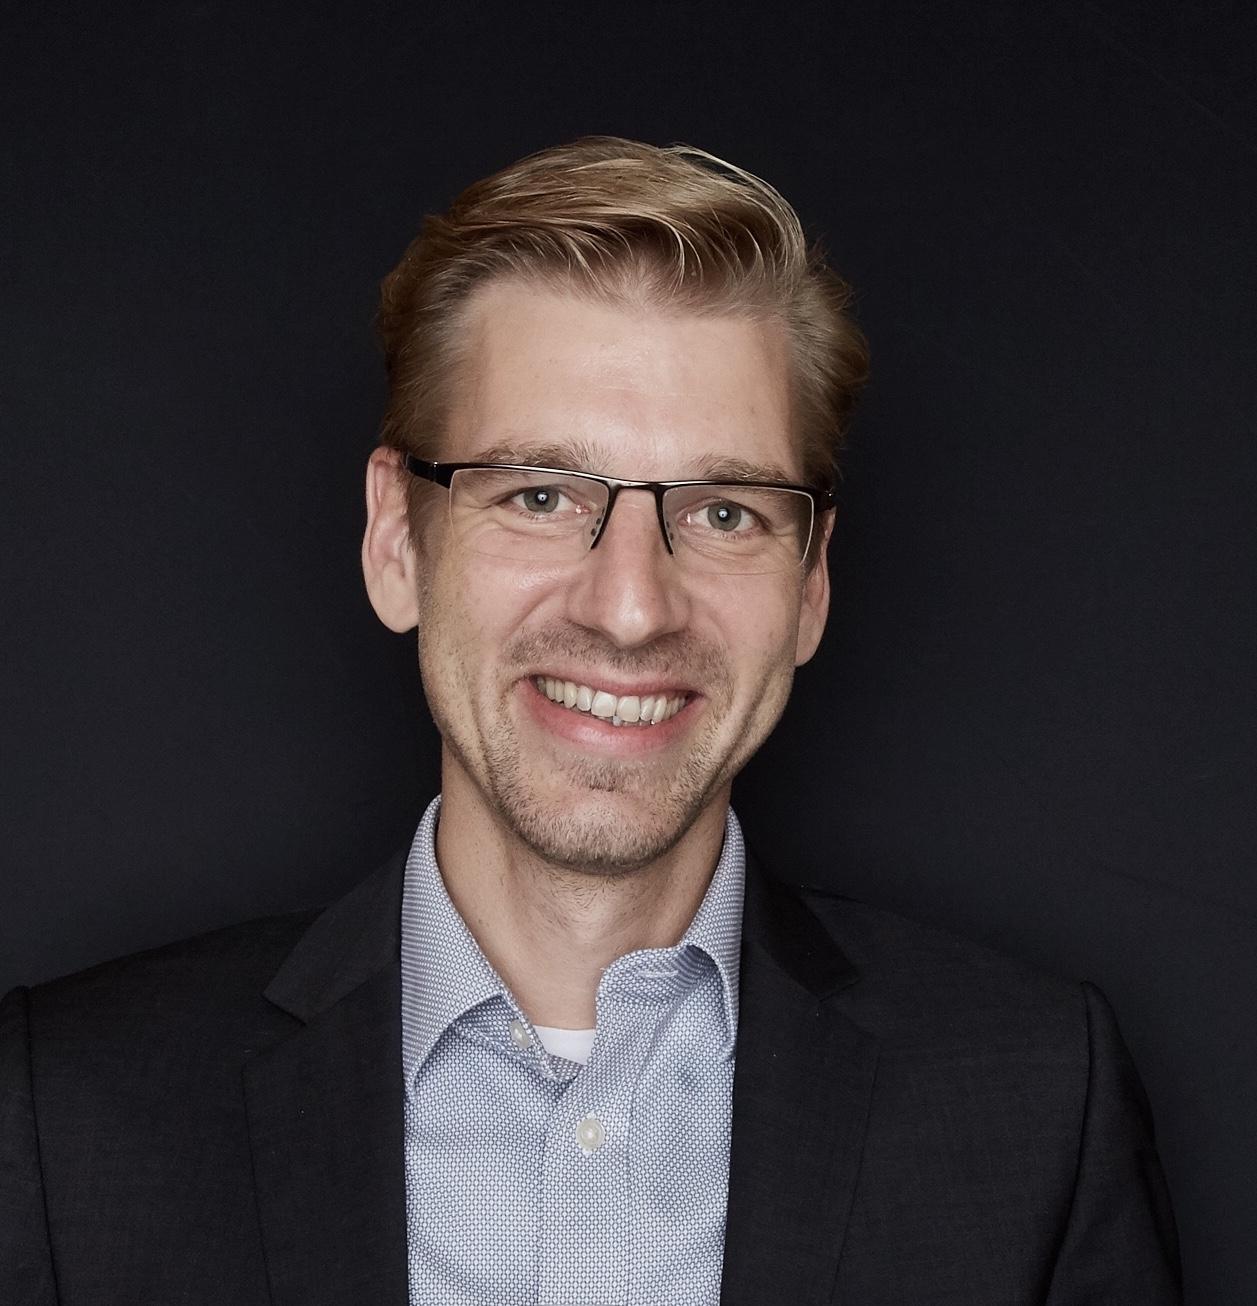 Prof. Dr. Thomas Demmelhuber